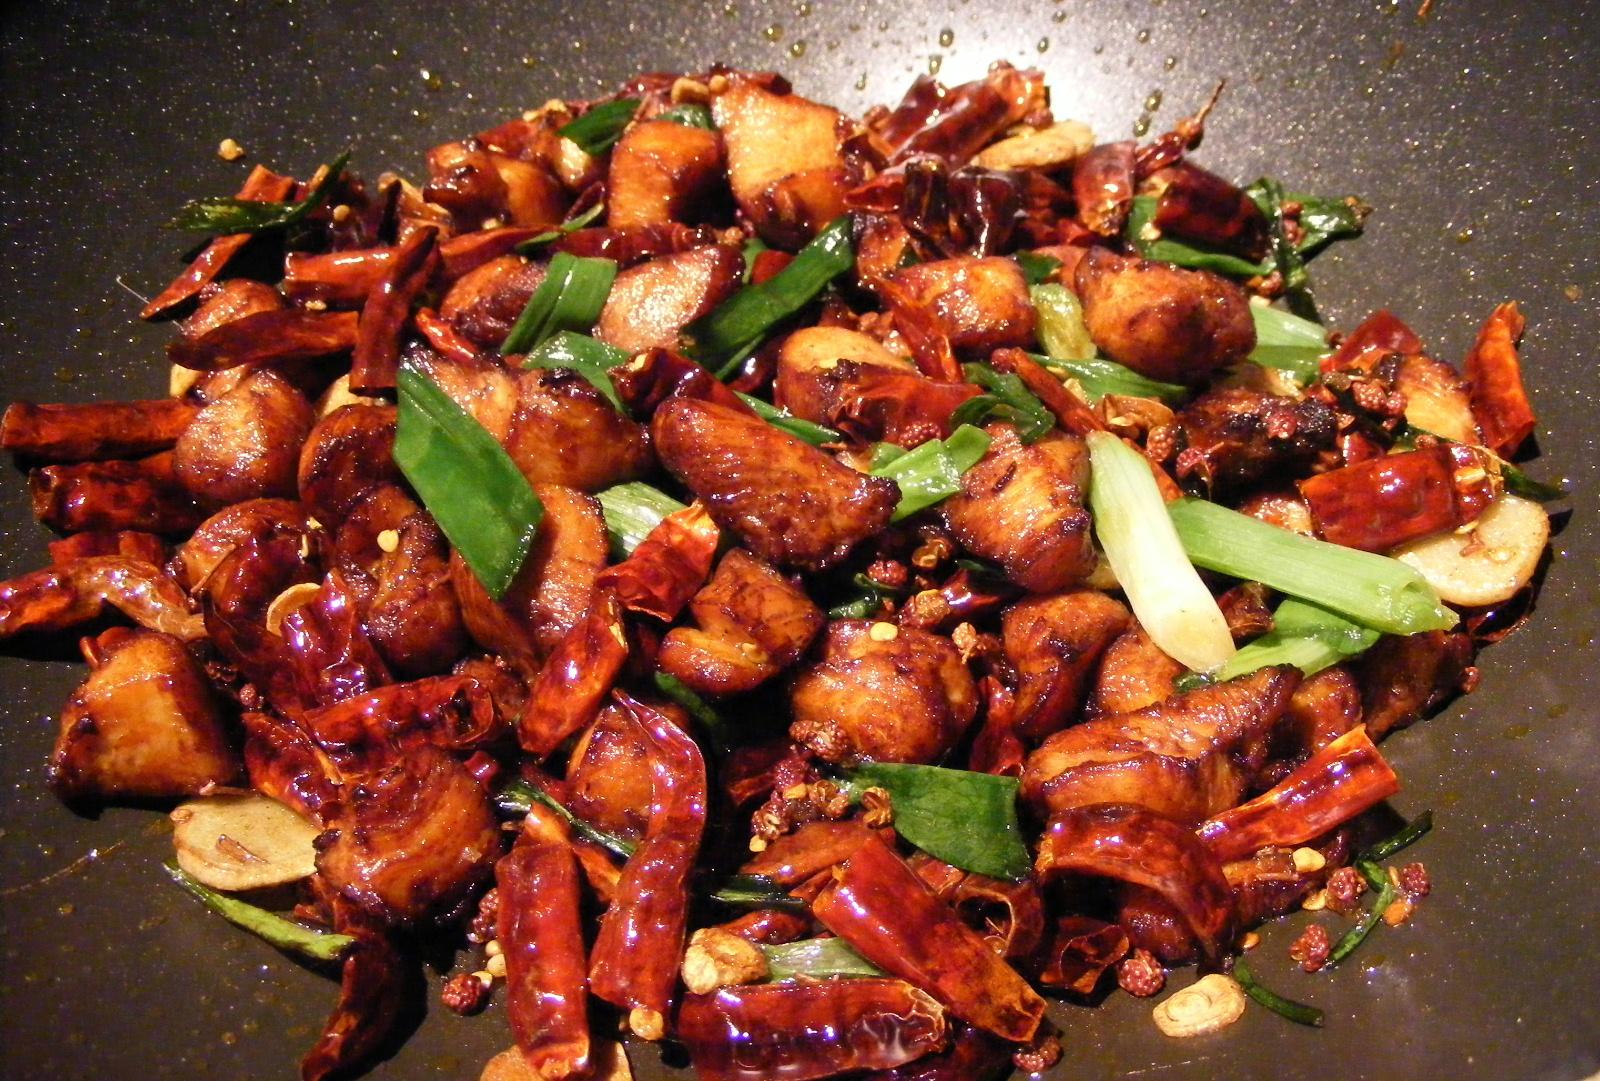 User blogsonomafarmhow to prepare garlic chicken recipes wiki garlic chicken forumfinder Image collections